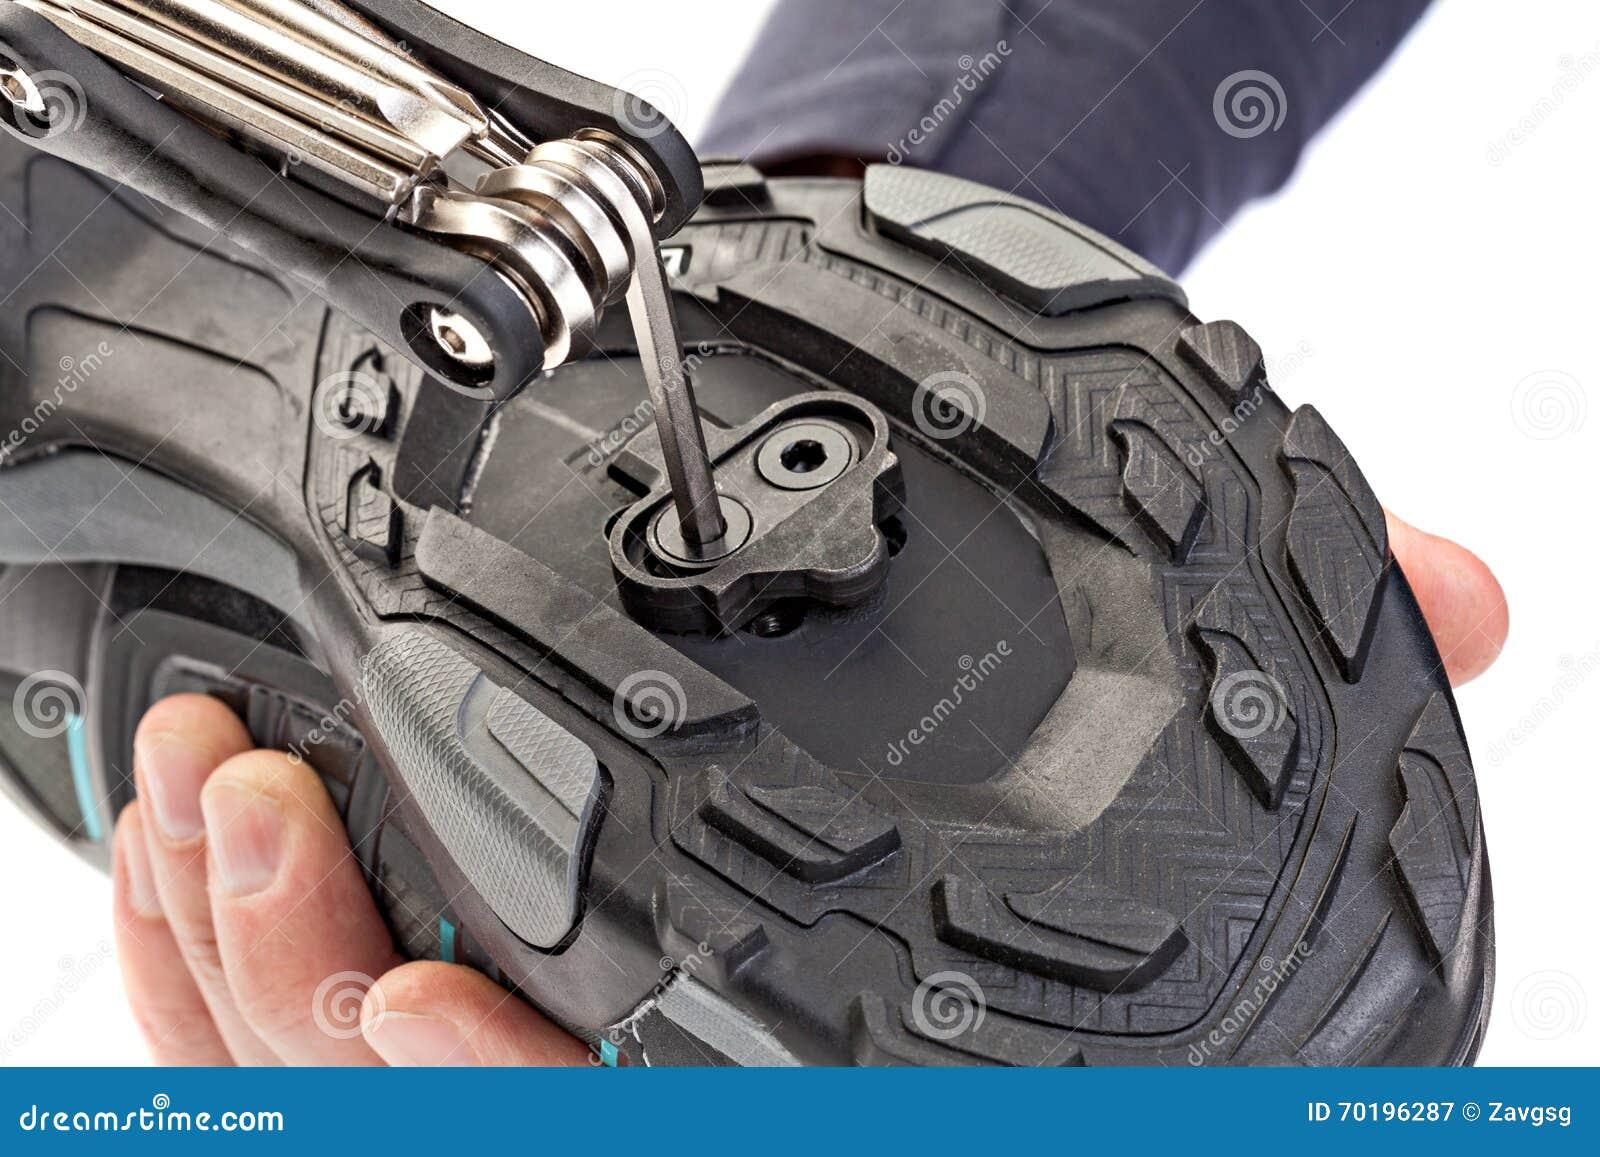 Clipless pedal för installation till de cykla skorna